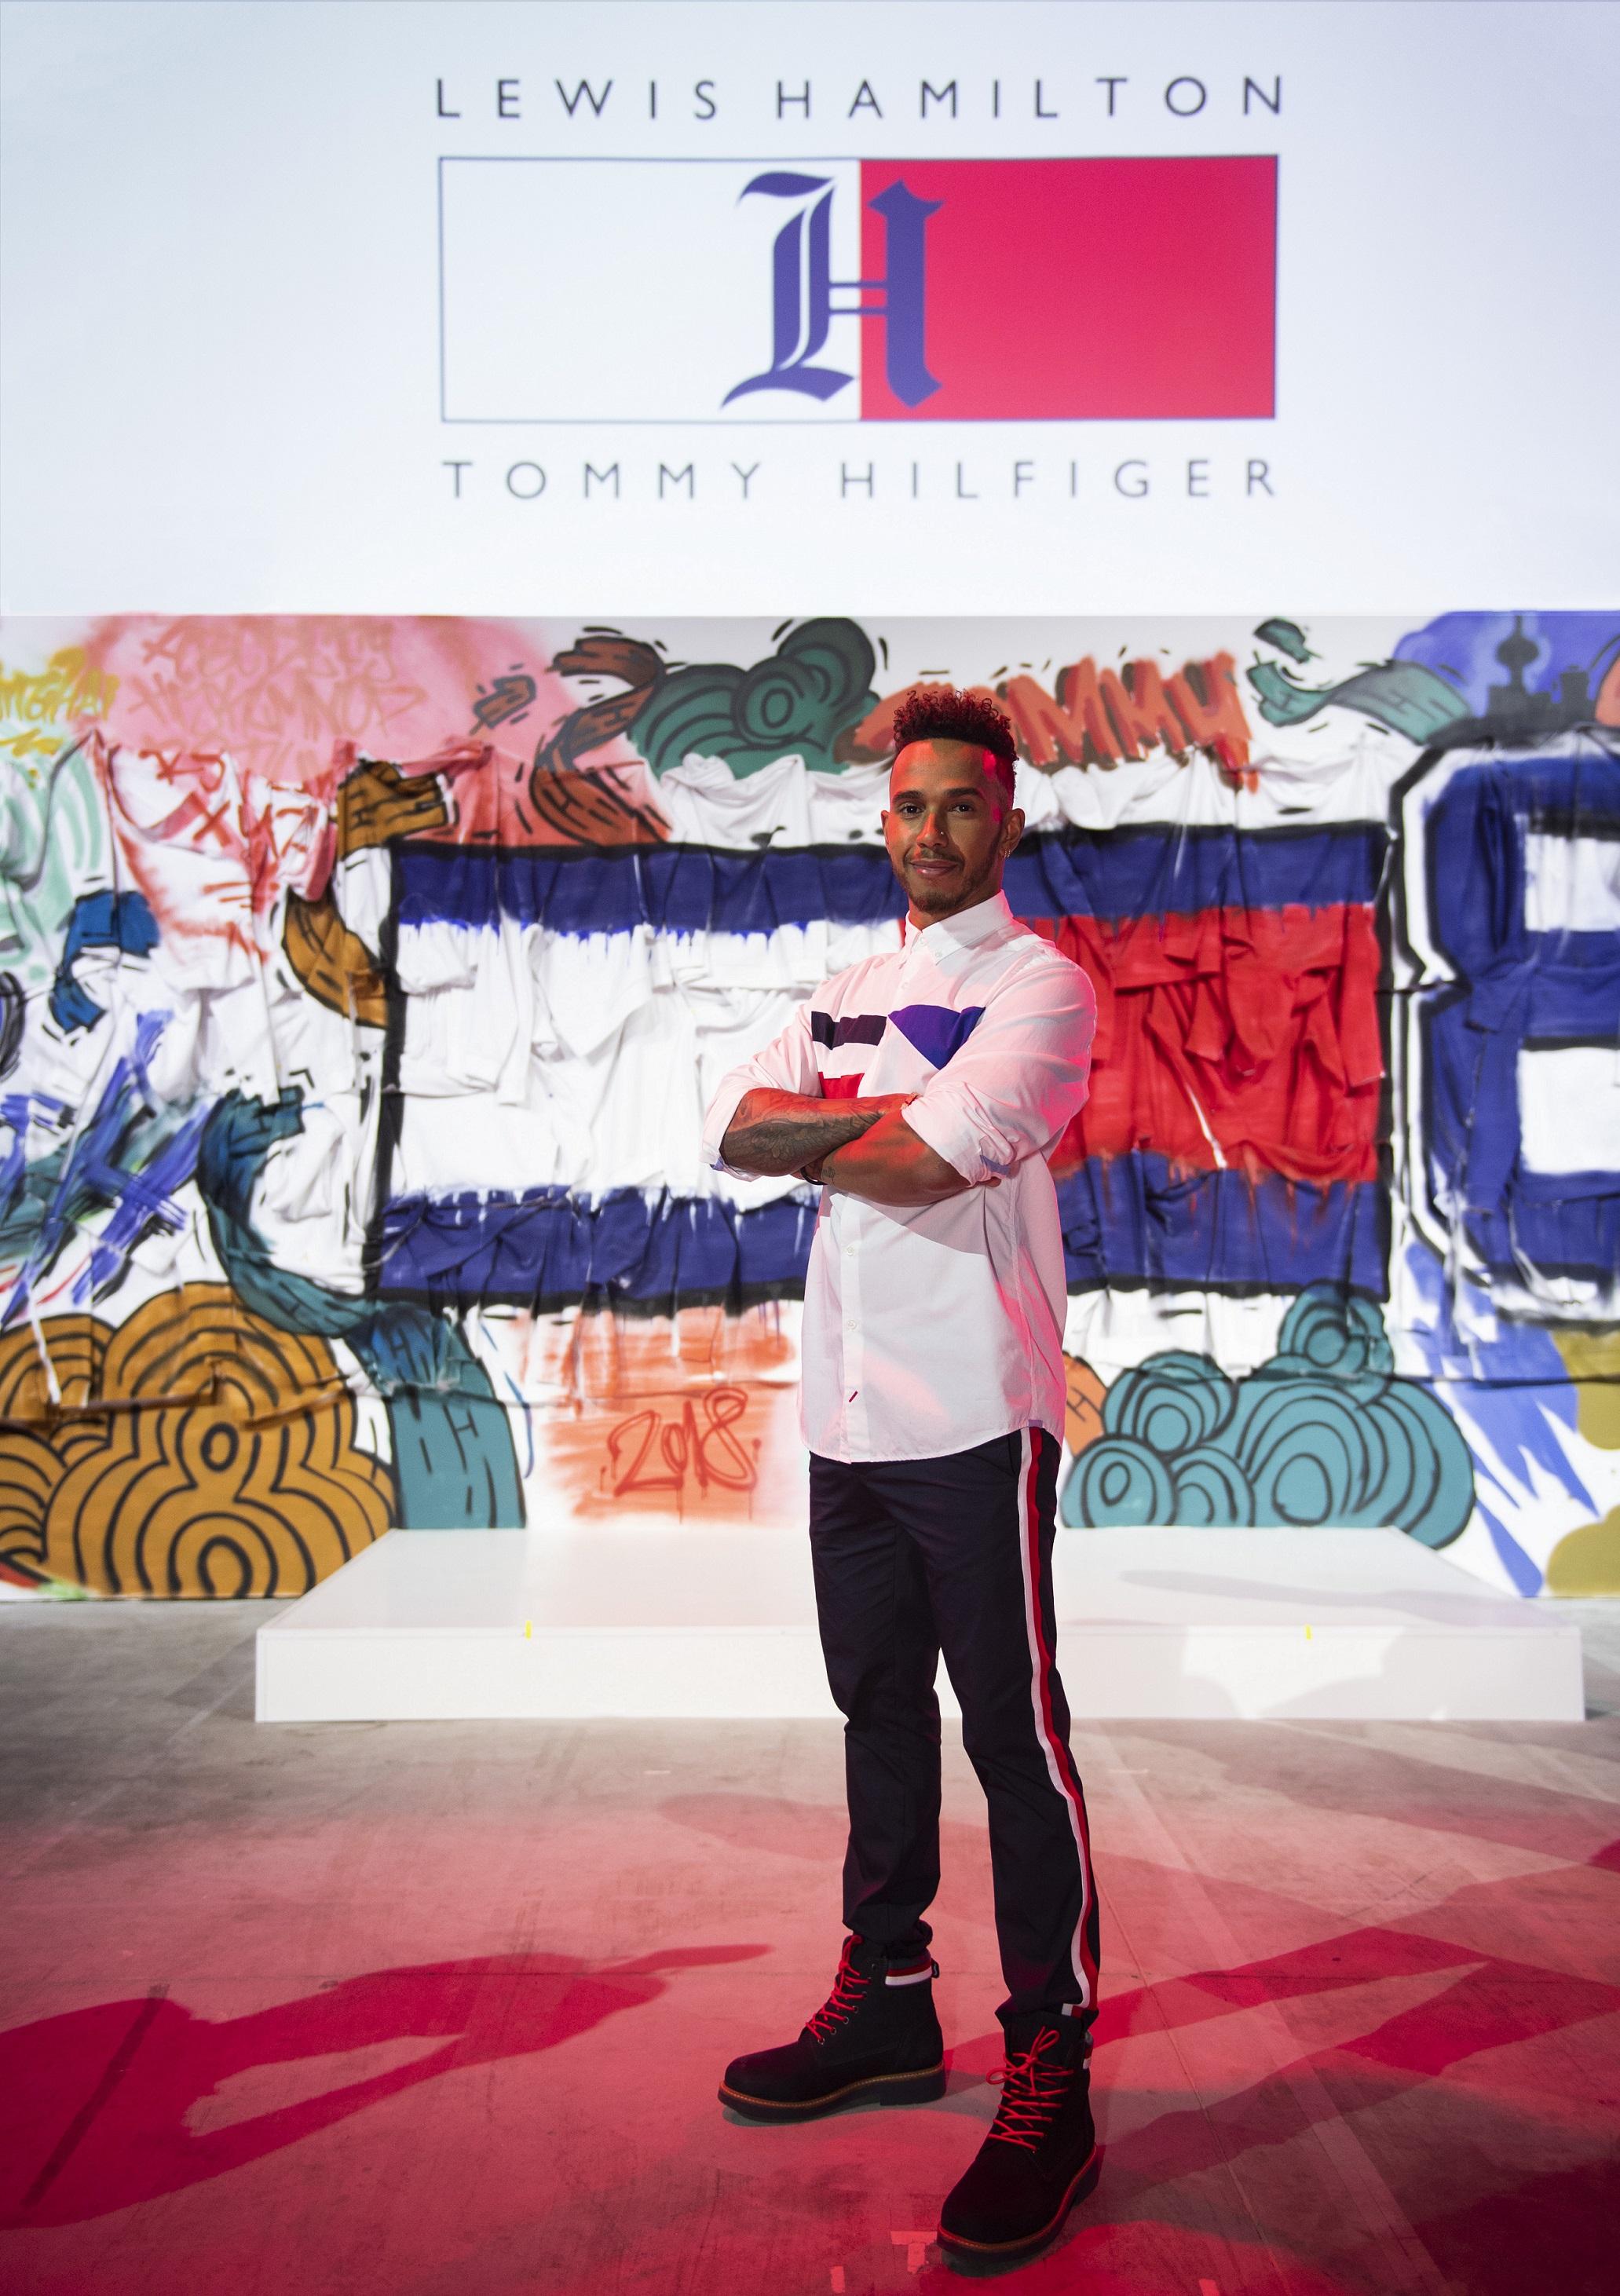 Conozcamos un poco sobre la colaboración entre Tommy Hilfiger y Lewis Hamilton